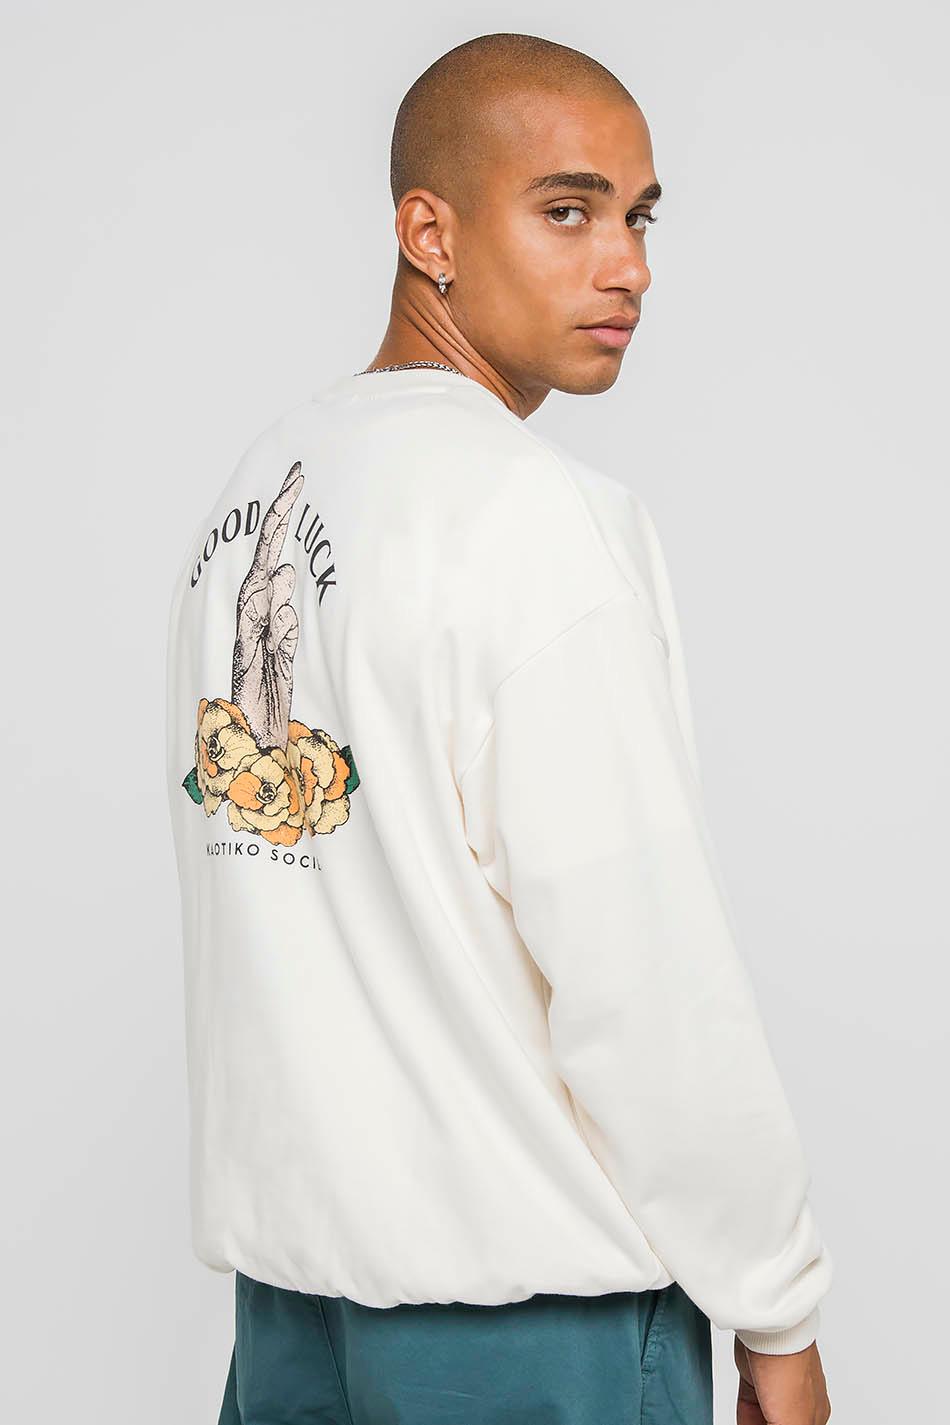 Good Luck Ivory Sweatshirt